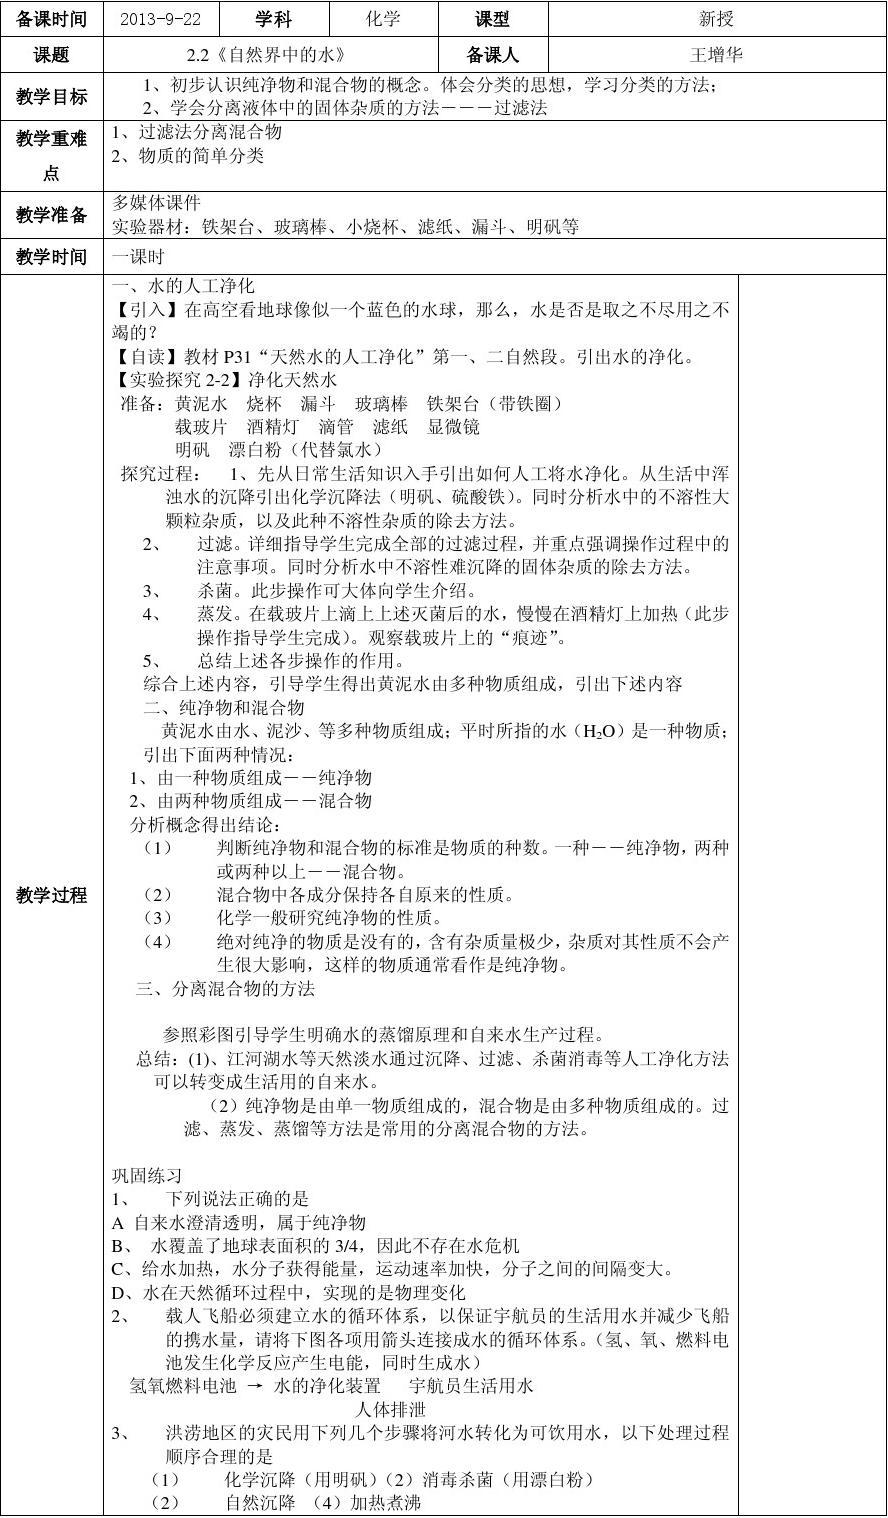 鲁教版物理初中八初中全一册2.2《自然界中的水》第一2012v物理化学毕业年学业年级陕西省图片